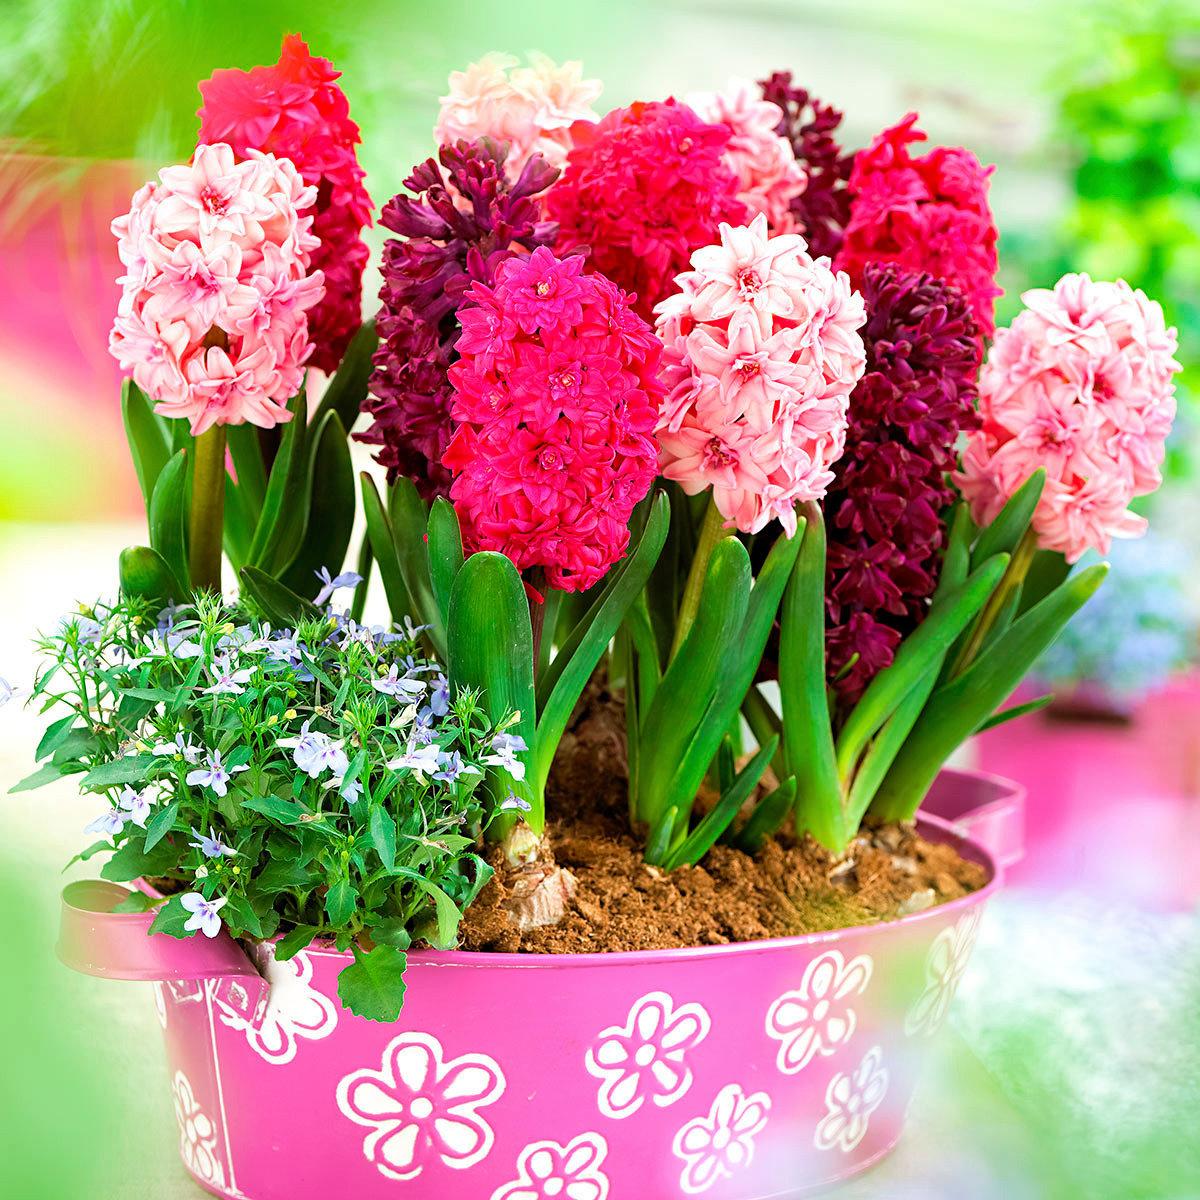 Gartenhyazinthen Pink Dream-Mischung, gefüllt